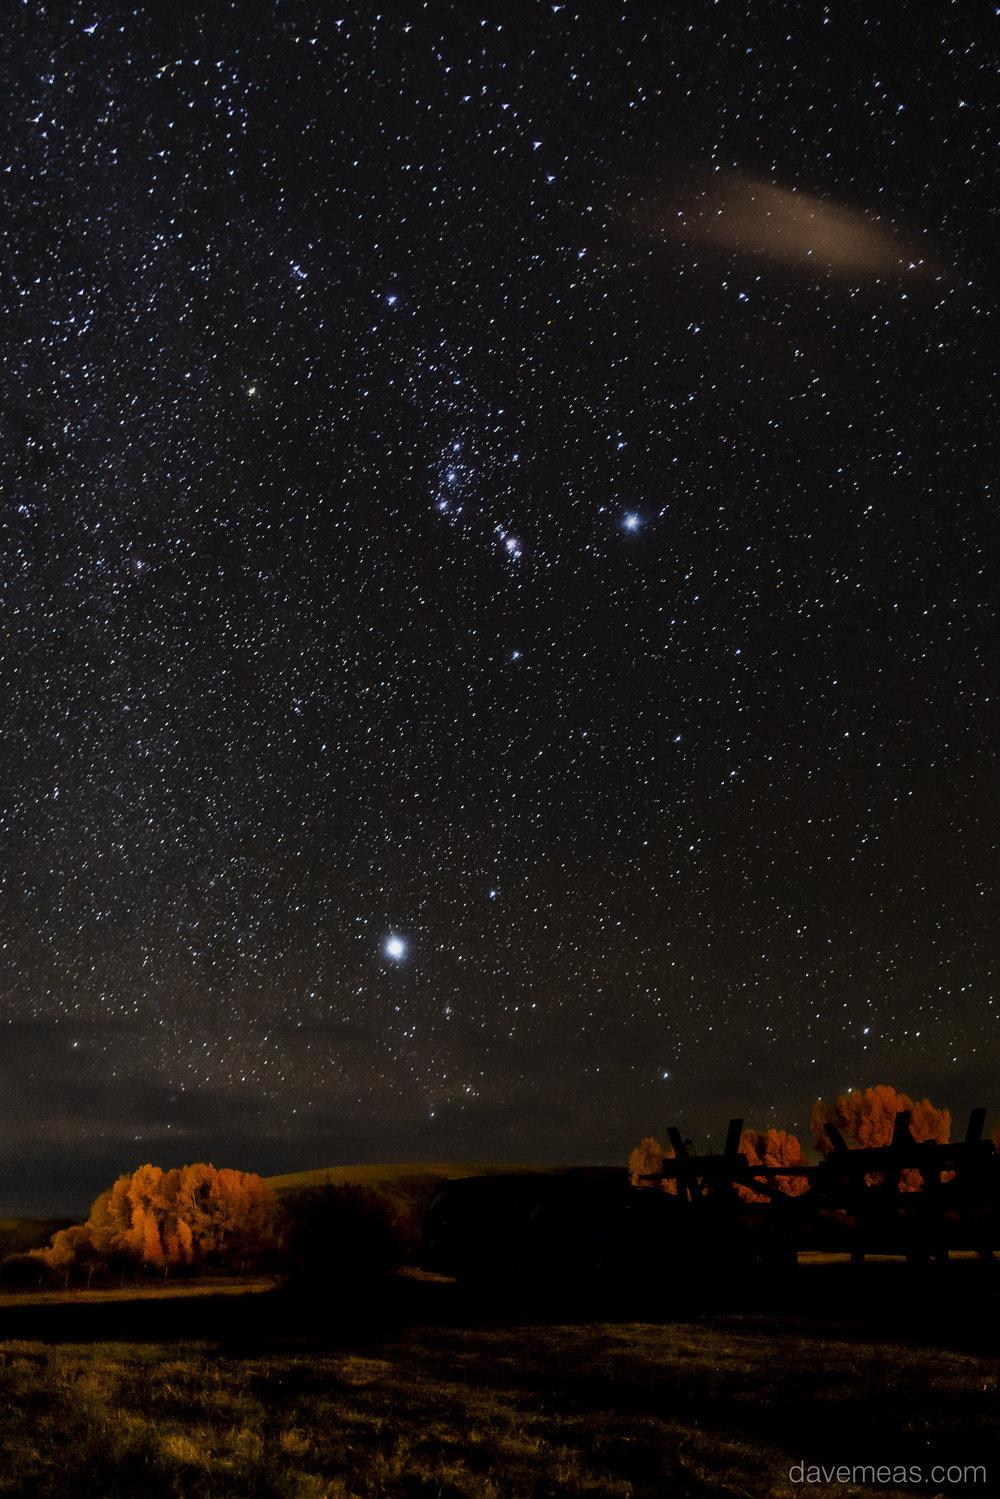 gunnison stars cass 10062018 1 of 14.jpg